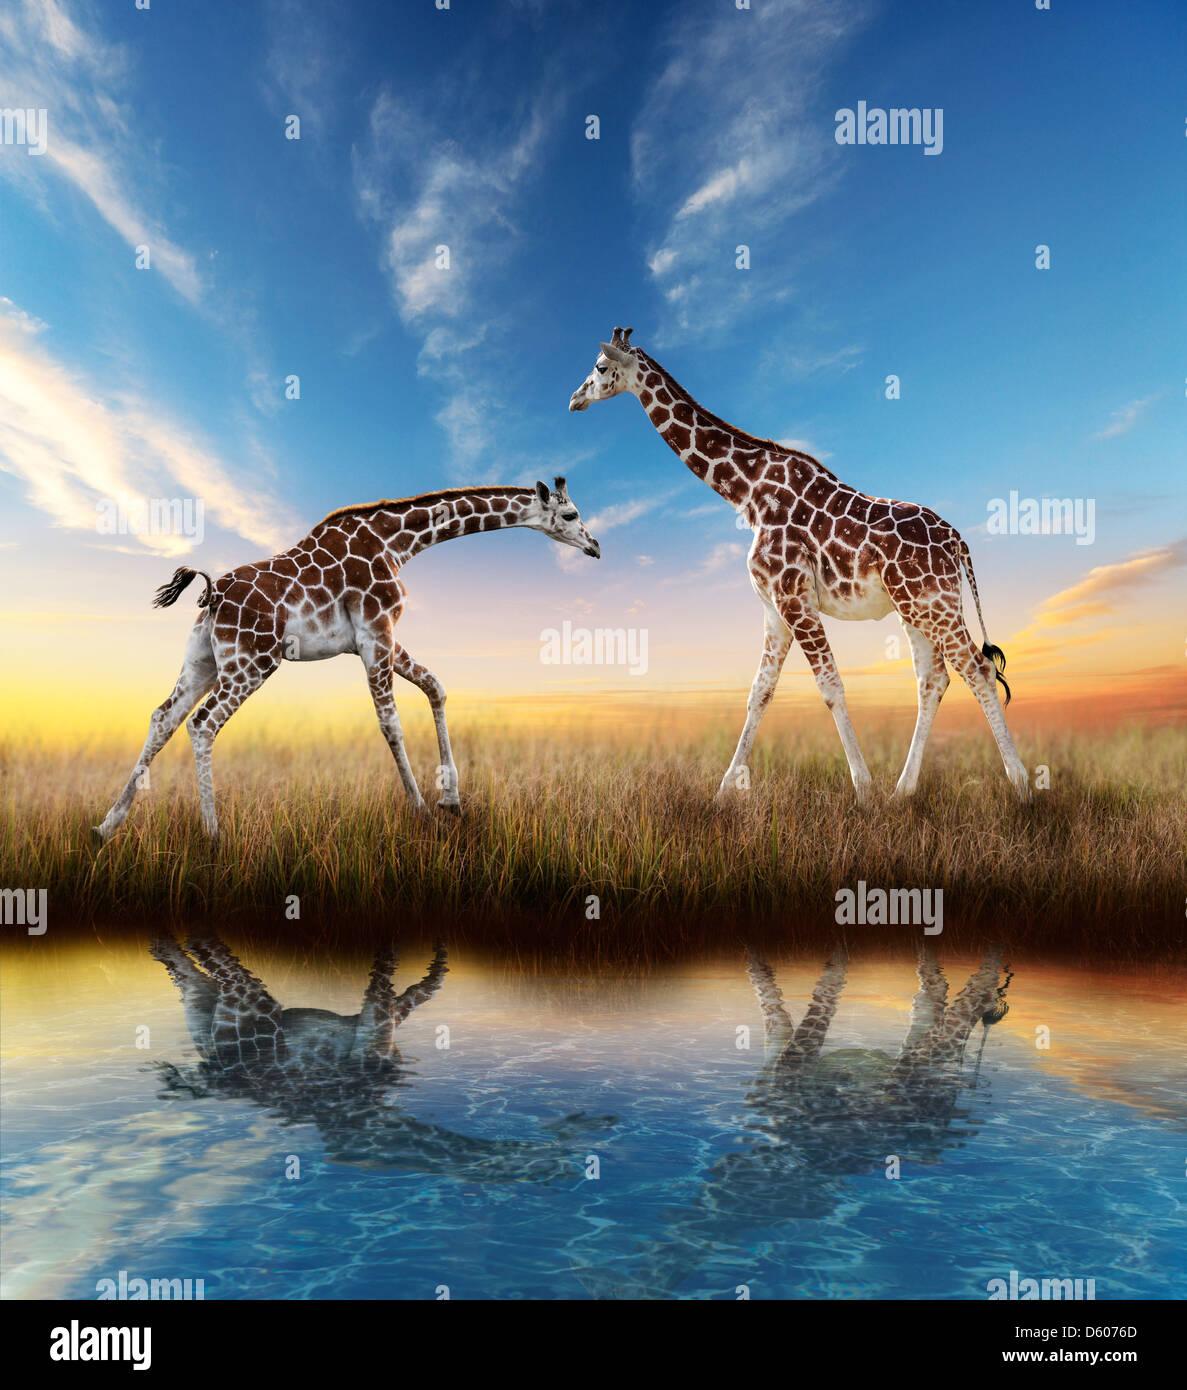 Zwei Giraffen bei Sonnenuntergang mit Wasserreflexion Stockbild